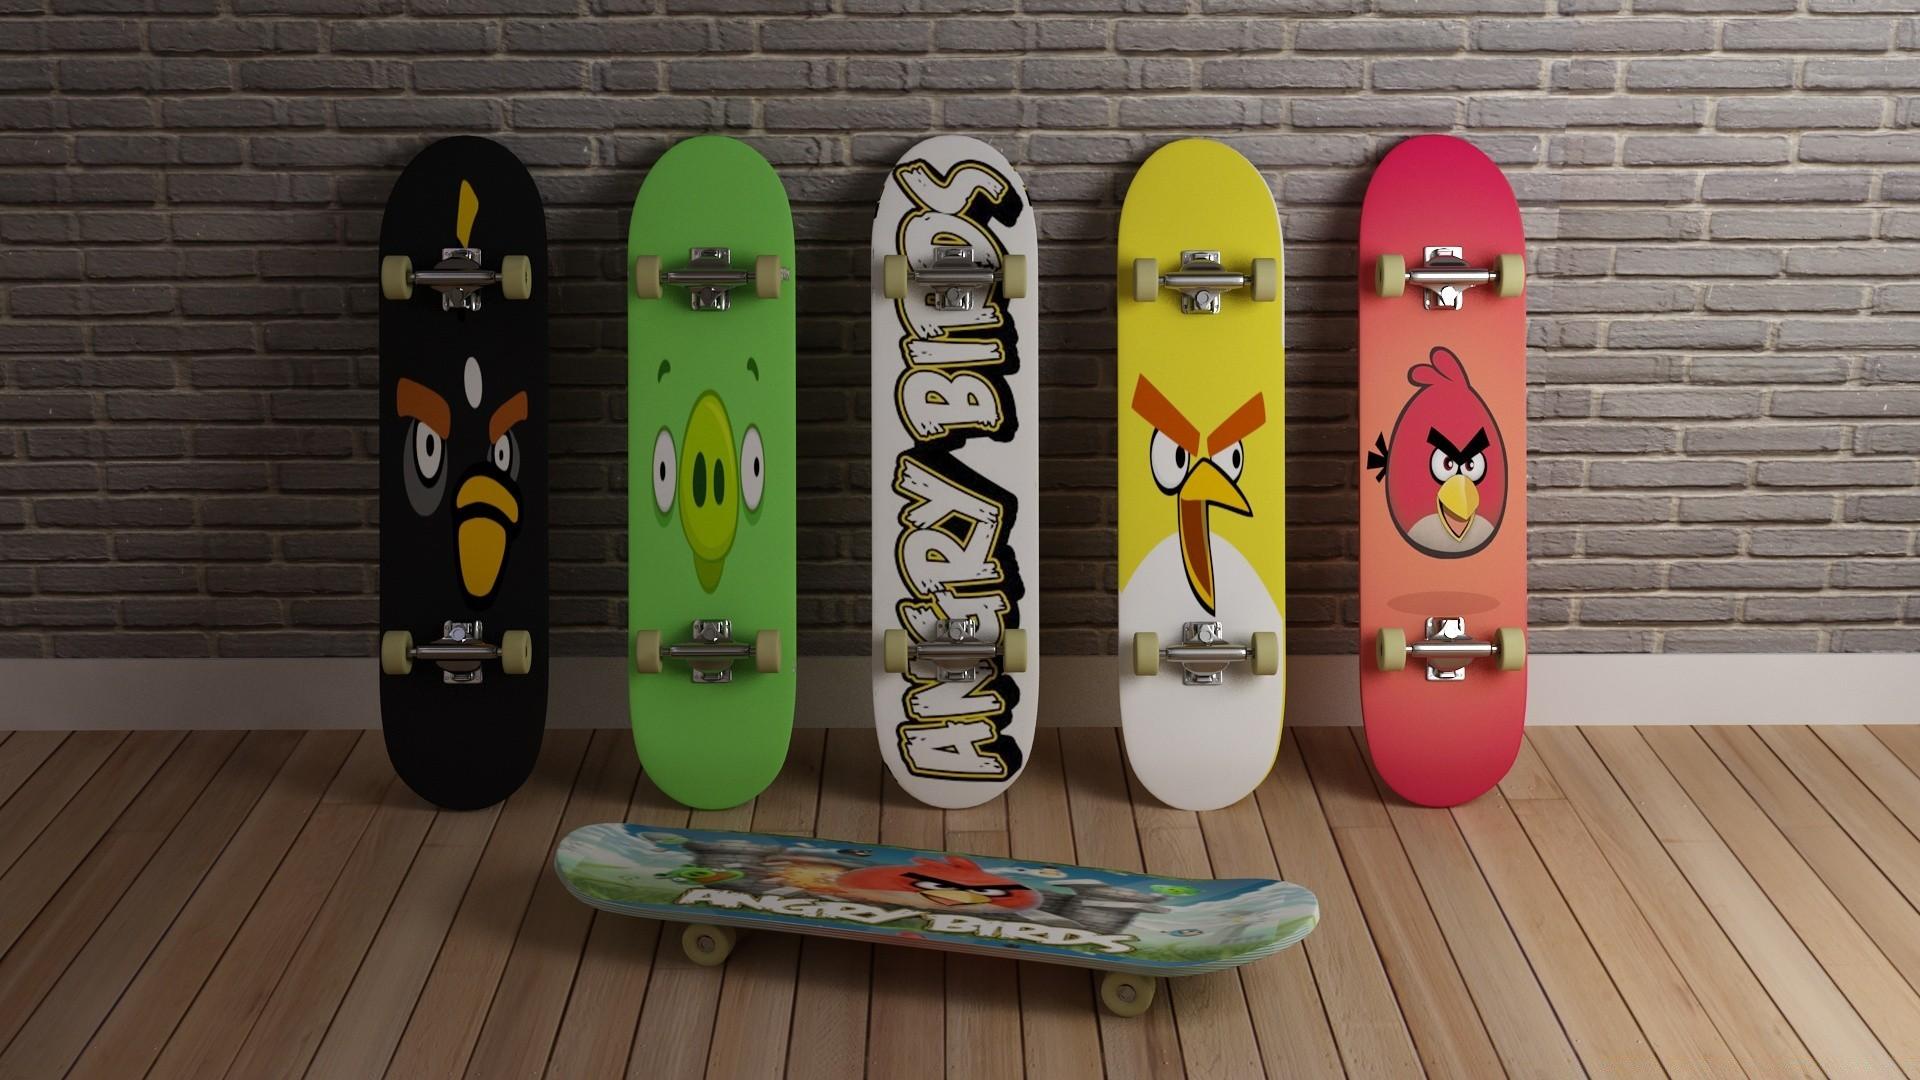 Как украсить скейтборд своими руками в домашних условиях